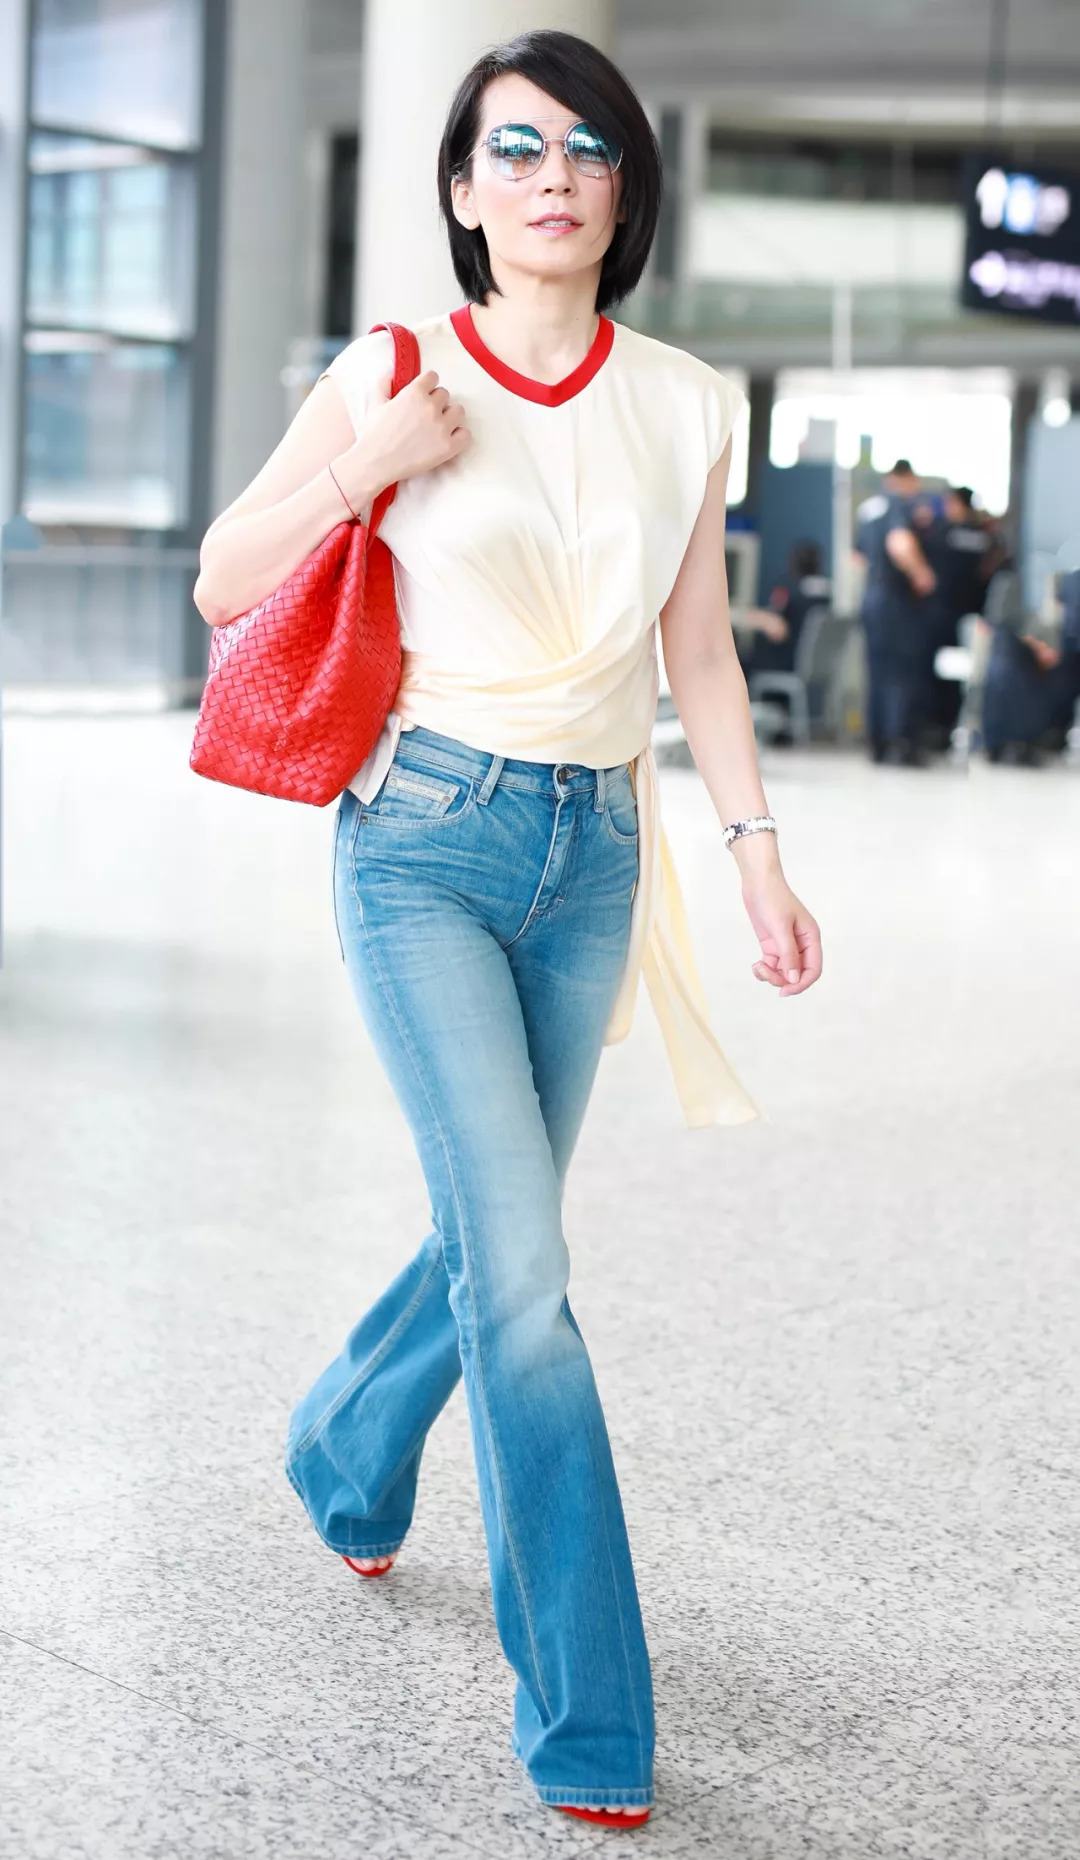 你的牛仔裤和你的腿三观一致么?